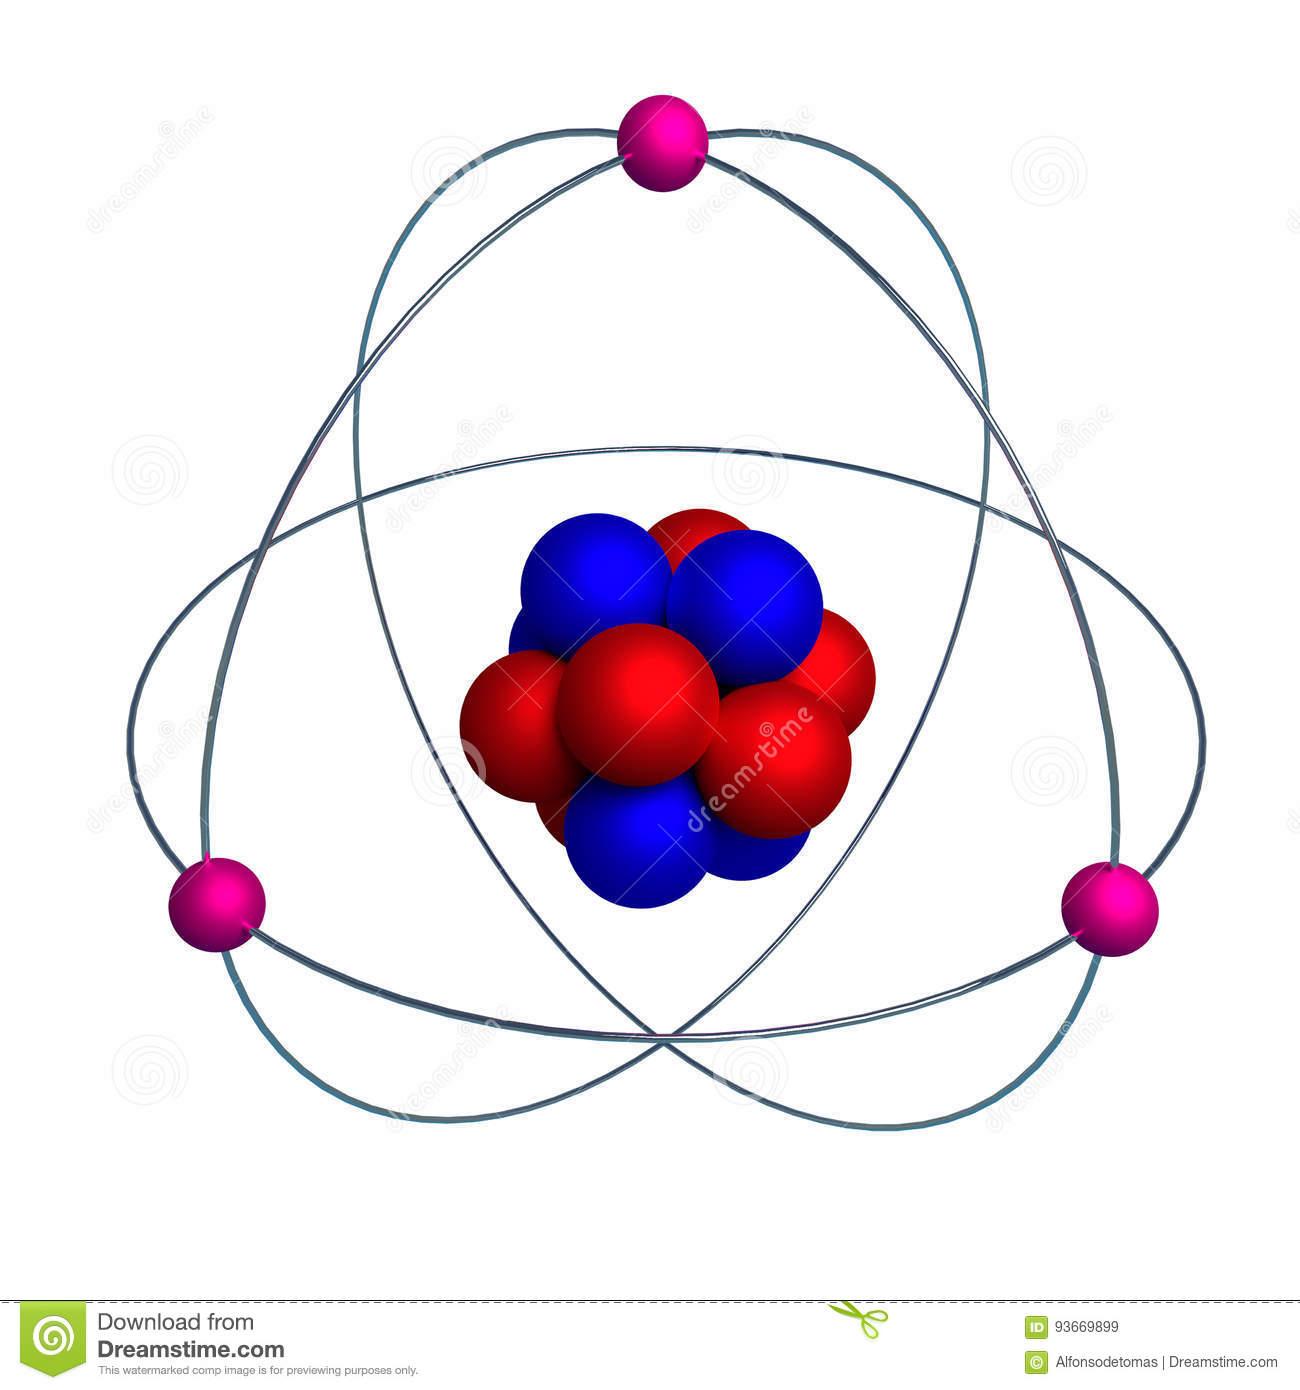 Что такое нейтрон в физике: строение, свойства и использование